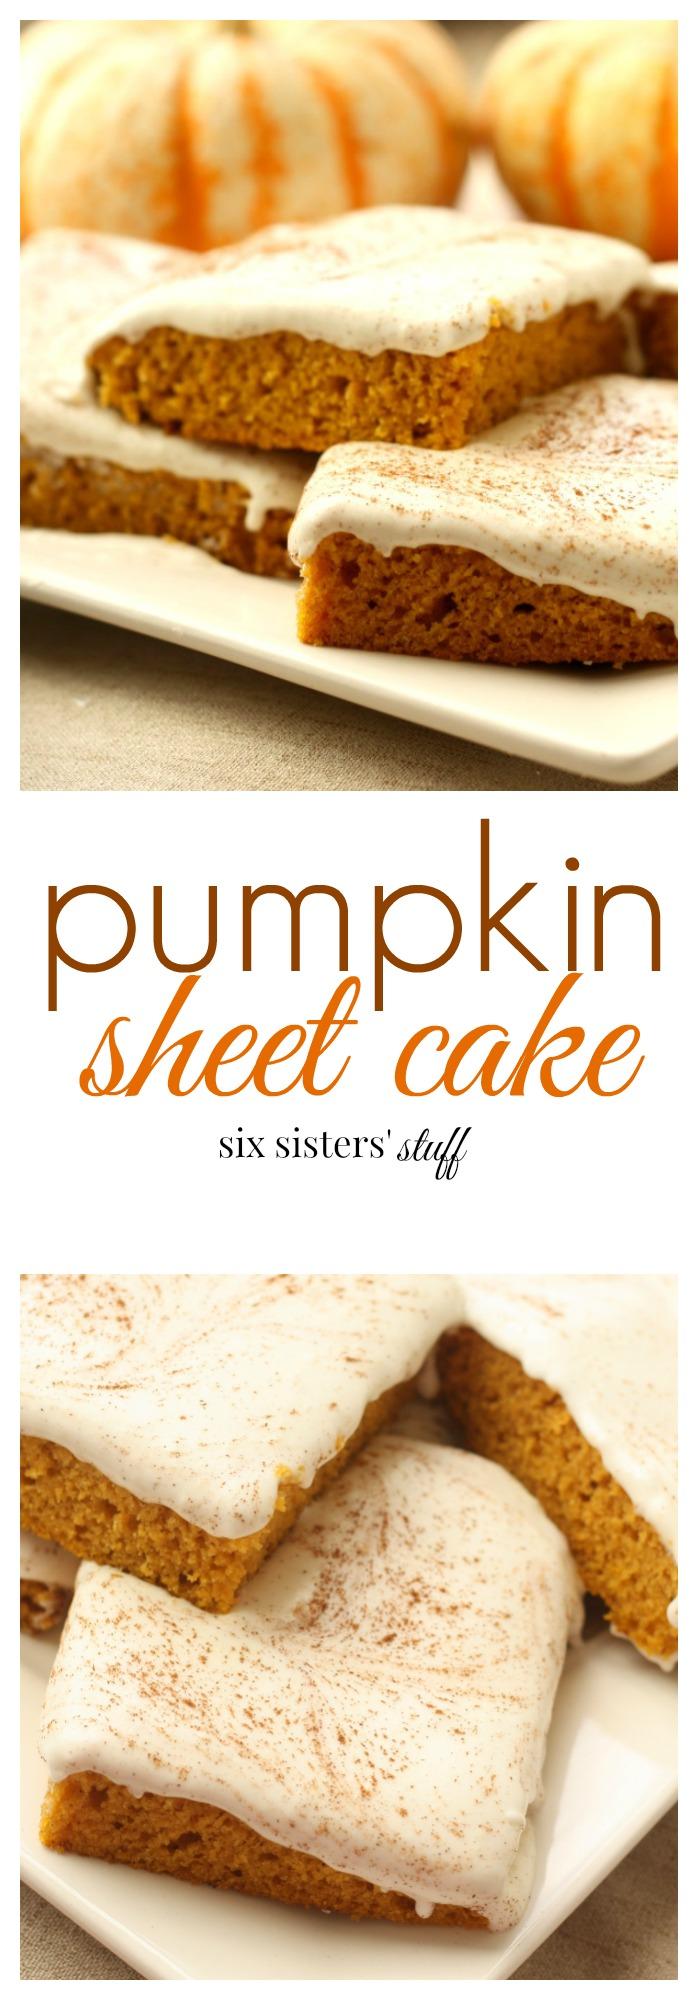 Pumpkin Sheet Cake All Recipes